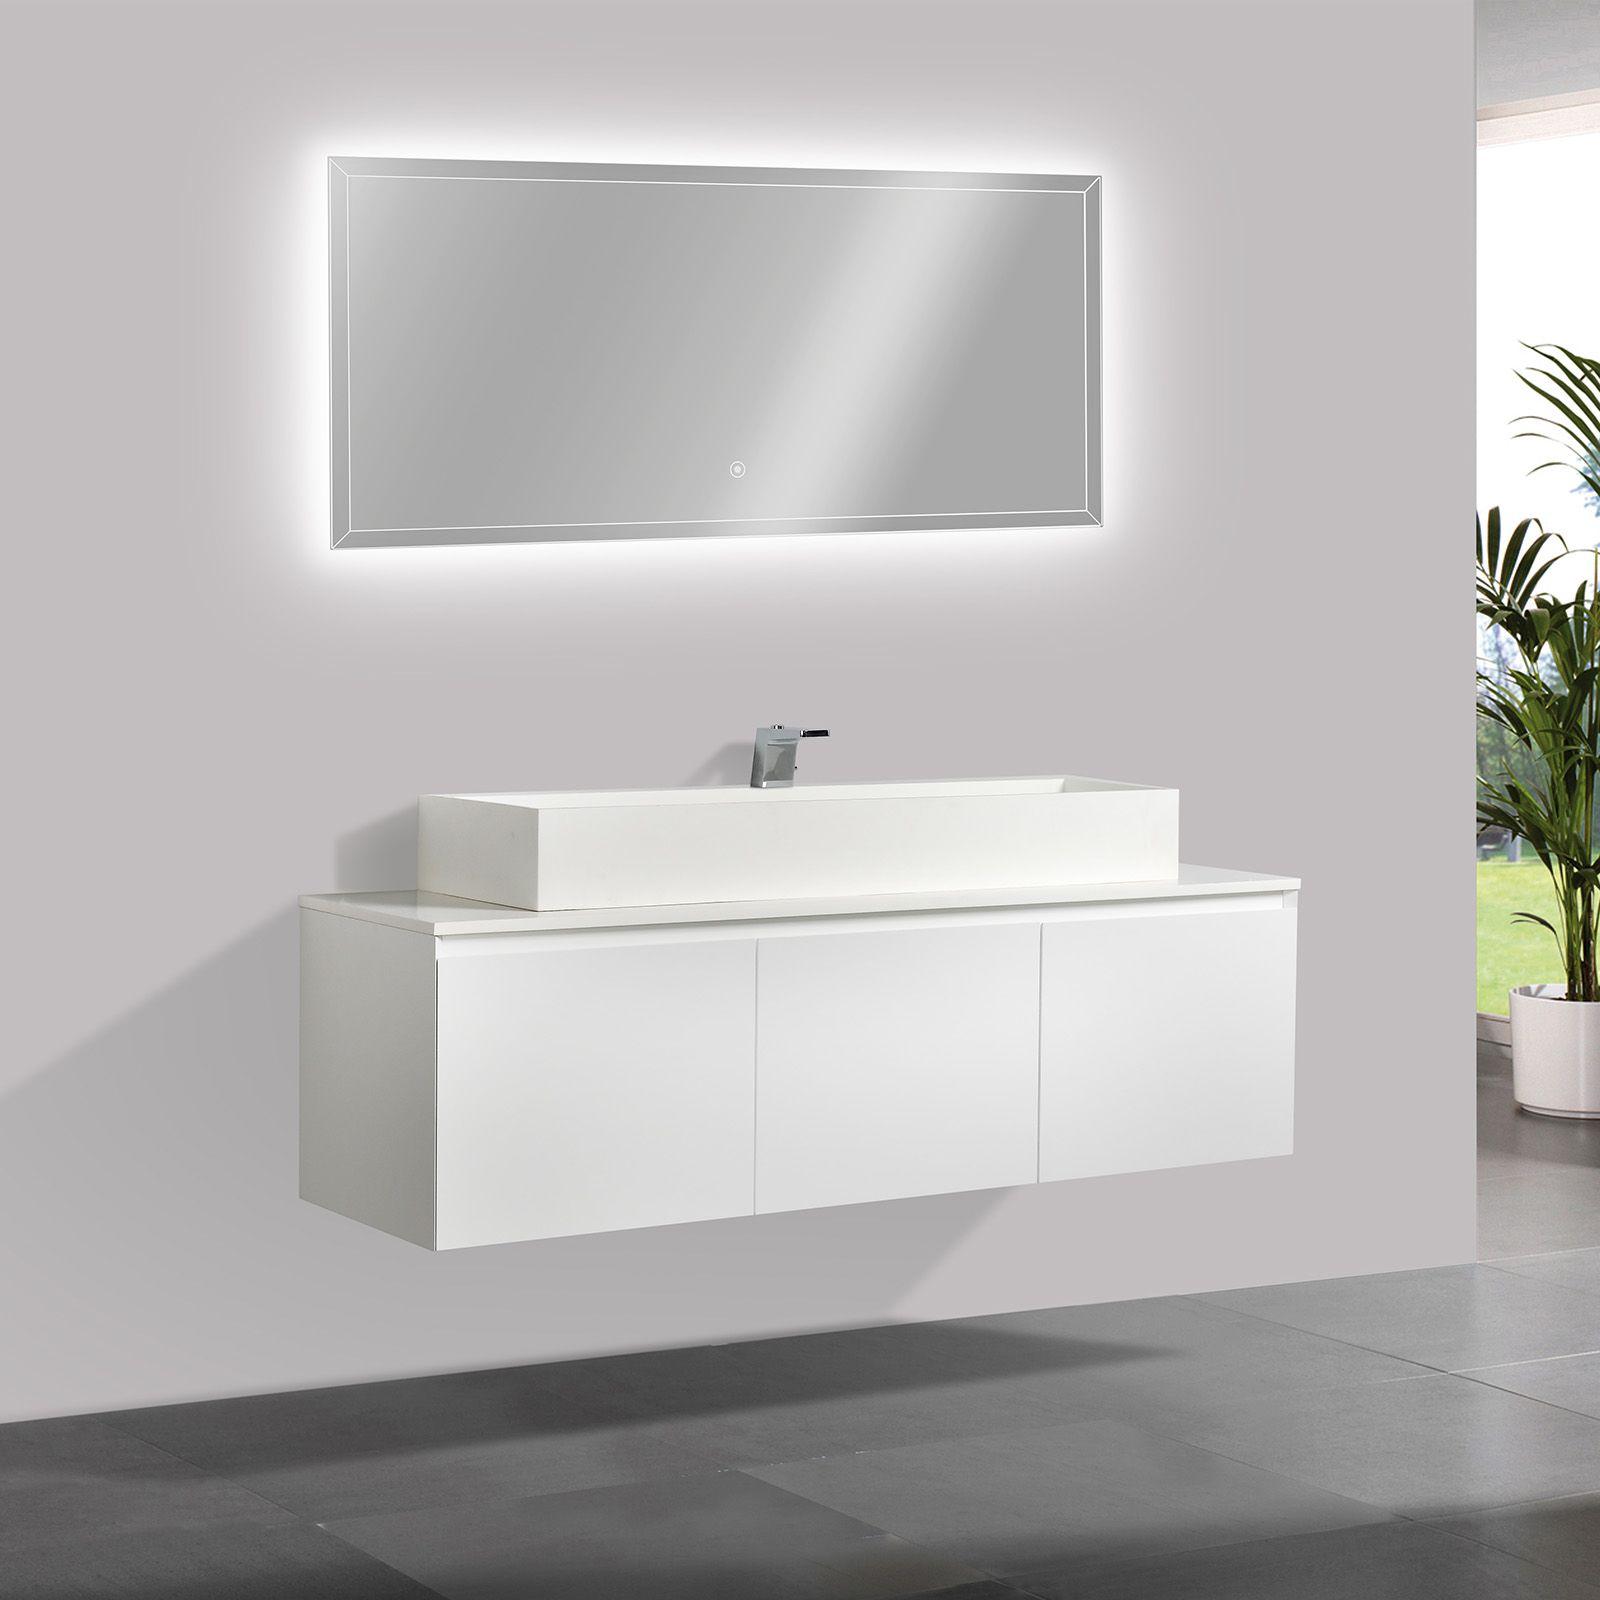 Badmobel In 2020 Waschbecken Waschtischplatte Waschbecken Kaufen